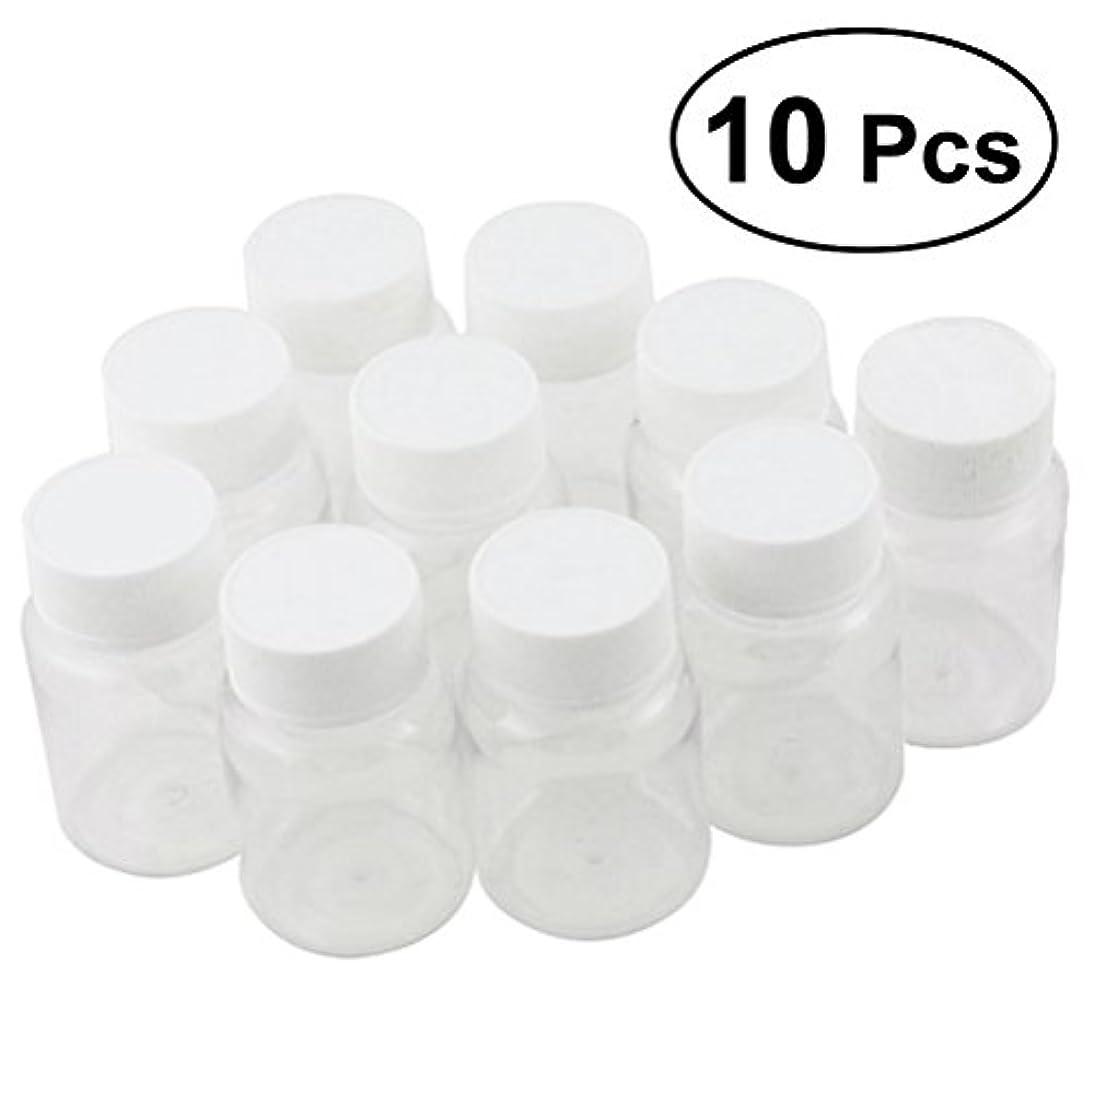 失礼な直径傾くULTNICE 小分けボトル 広口 クリア 詰め替え容器 薬保存 ビーズ収納 液体 10個セット